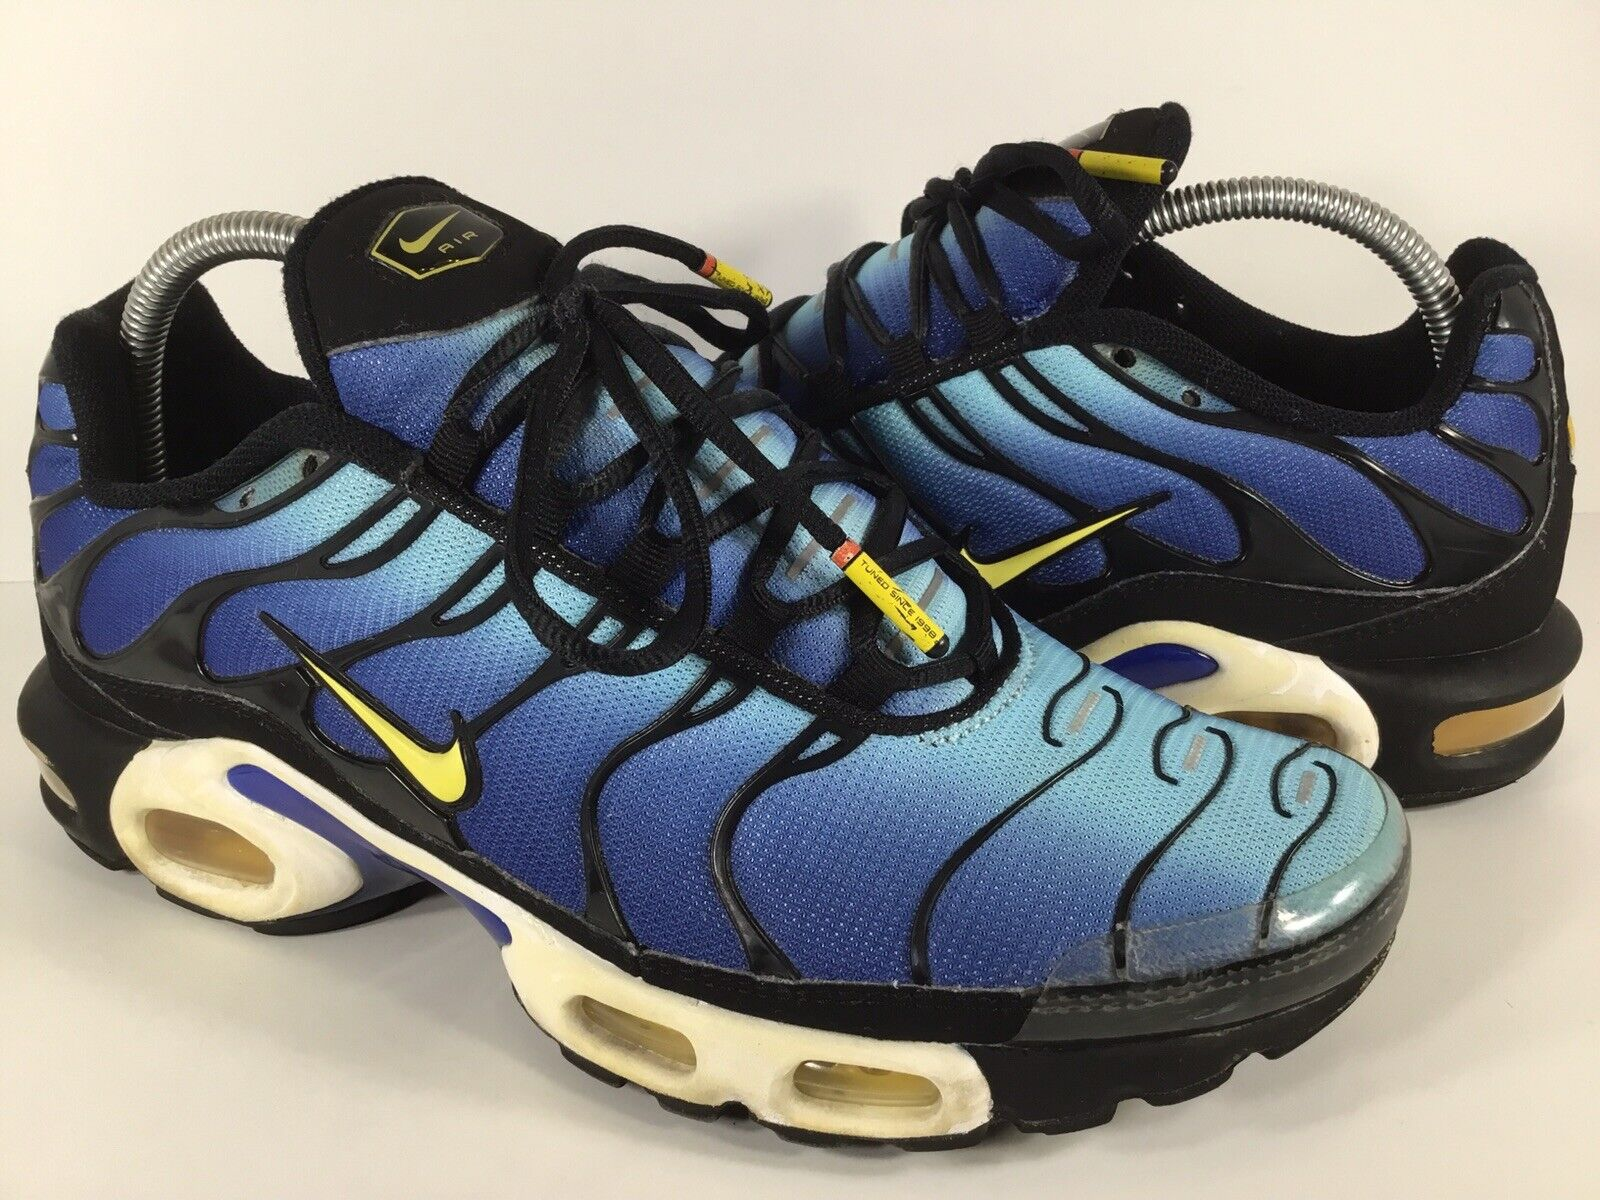 5a2c8752d8 Nike Air Max Plus TN Tuned HYPER Blue Shoes Chamois-black Sz 6 ...